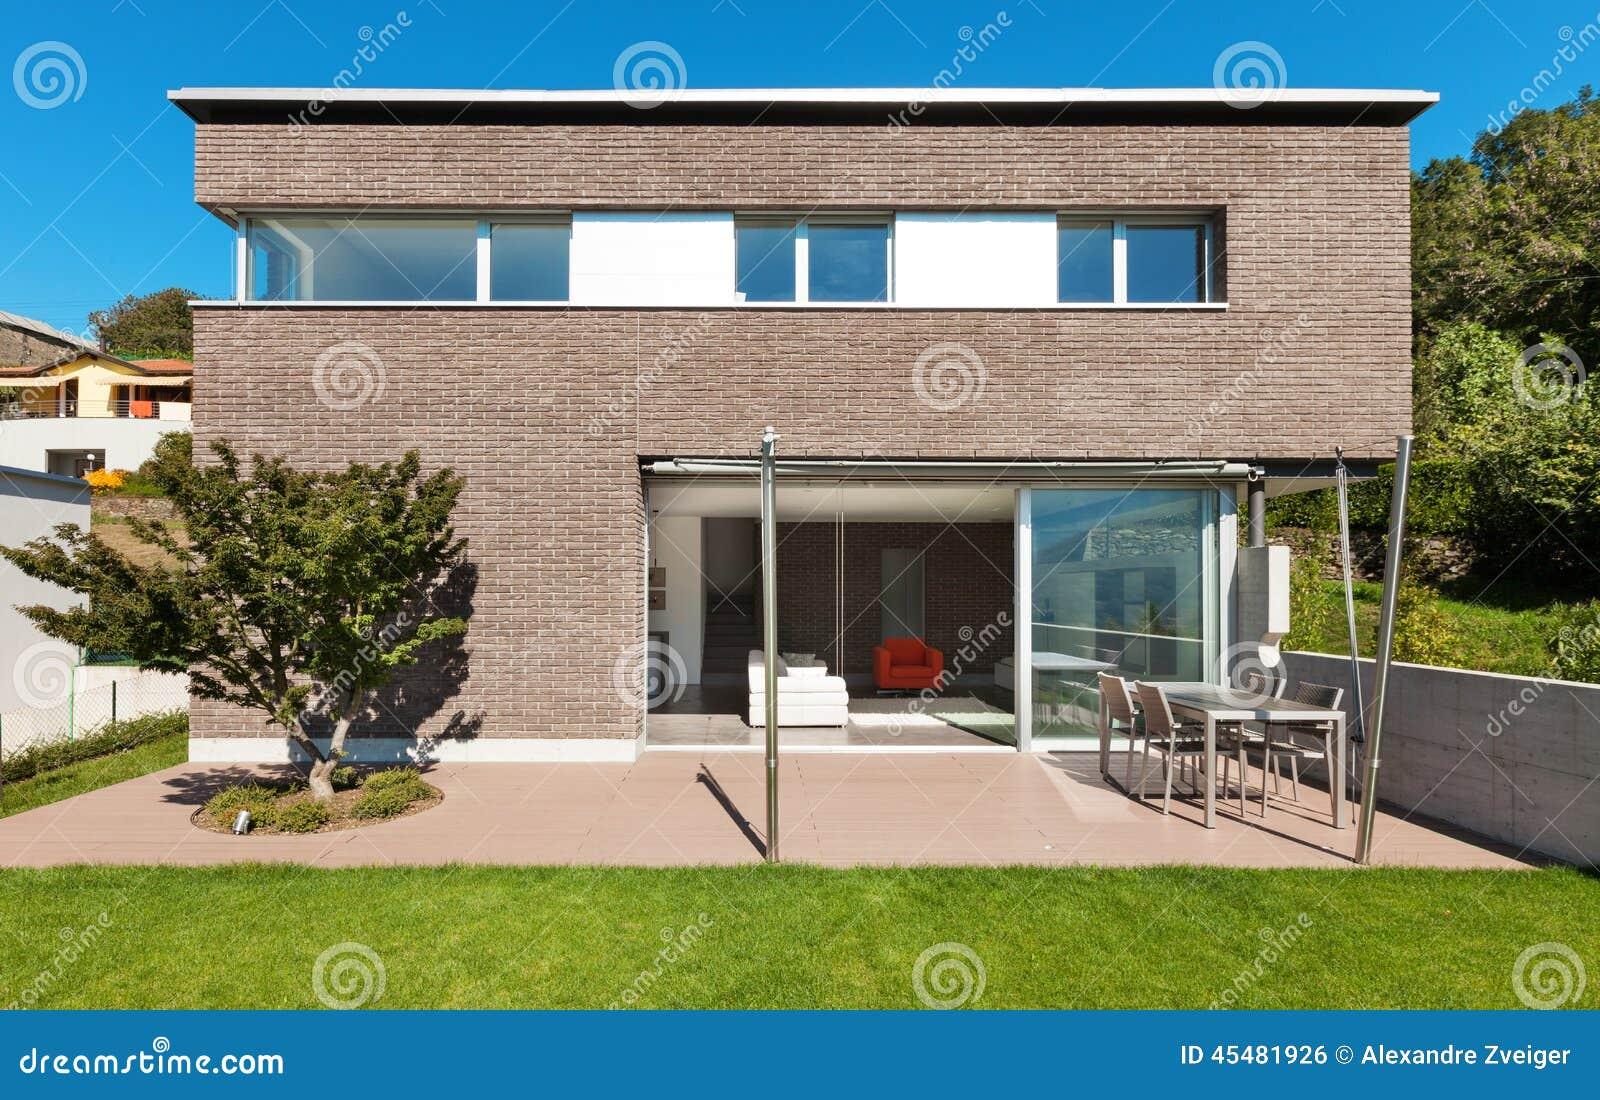 progettazione moderna di architettura casa fotografia